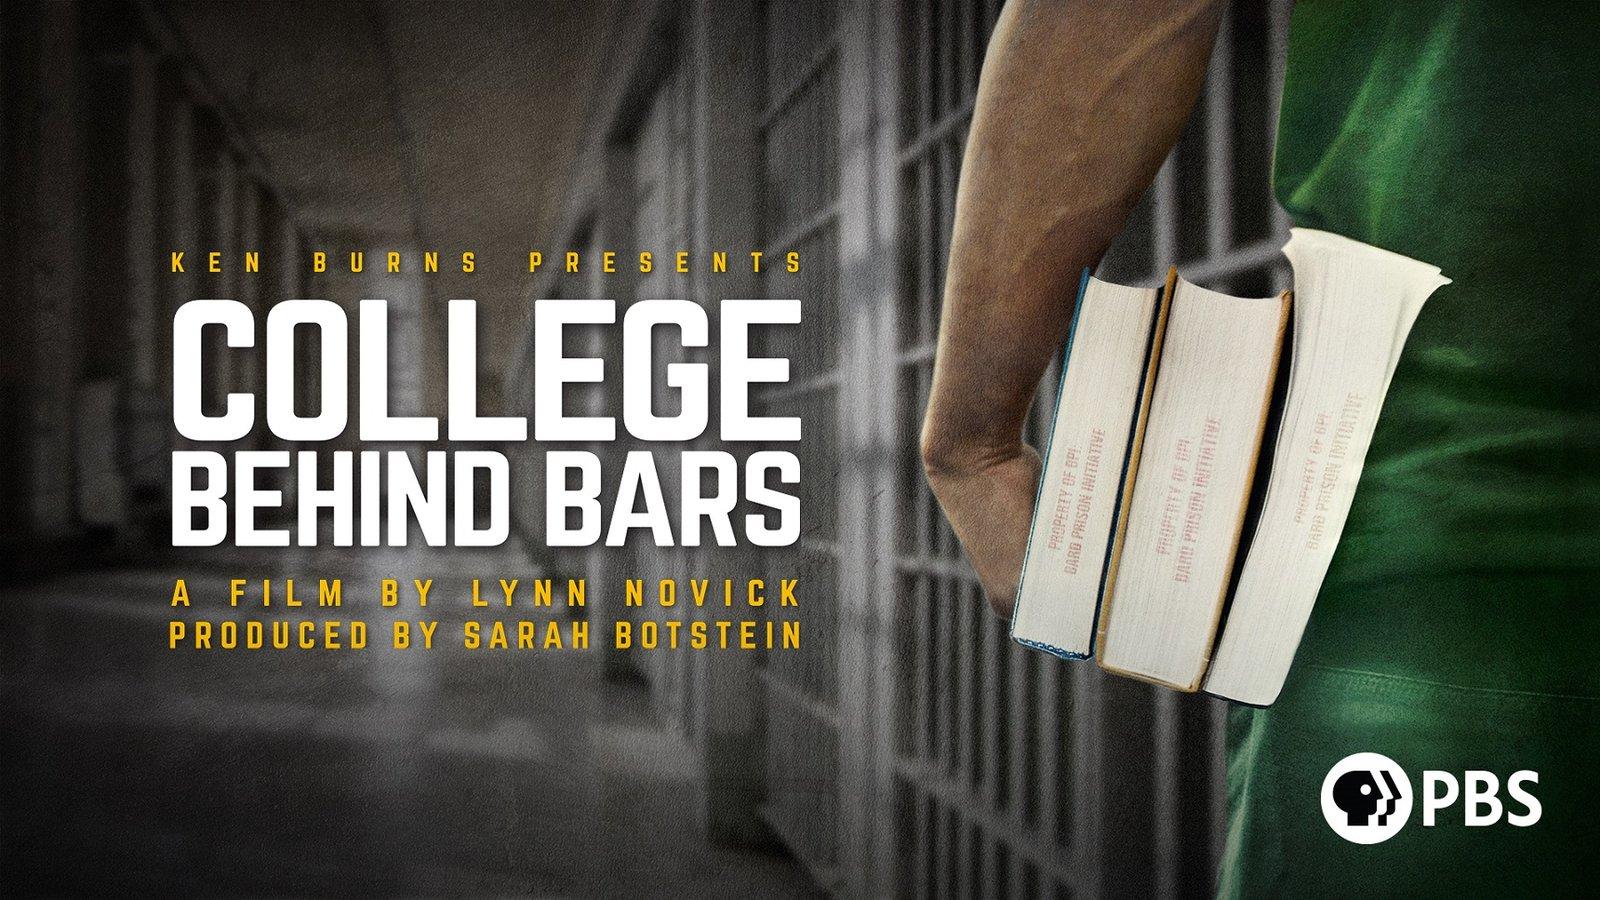 Ken Burns Presents: College Behind Bars